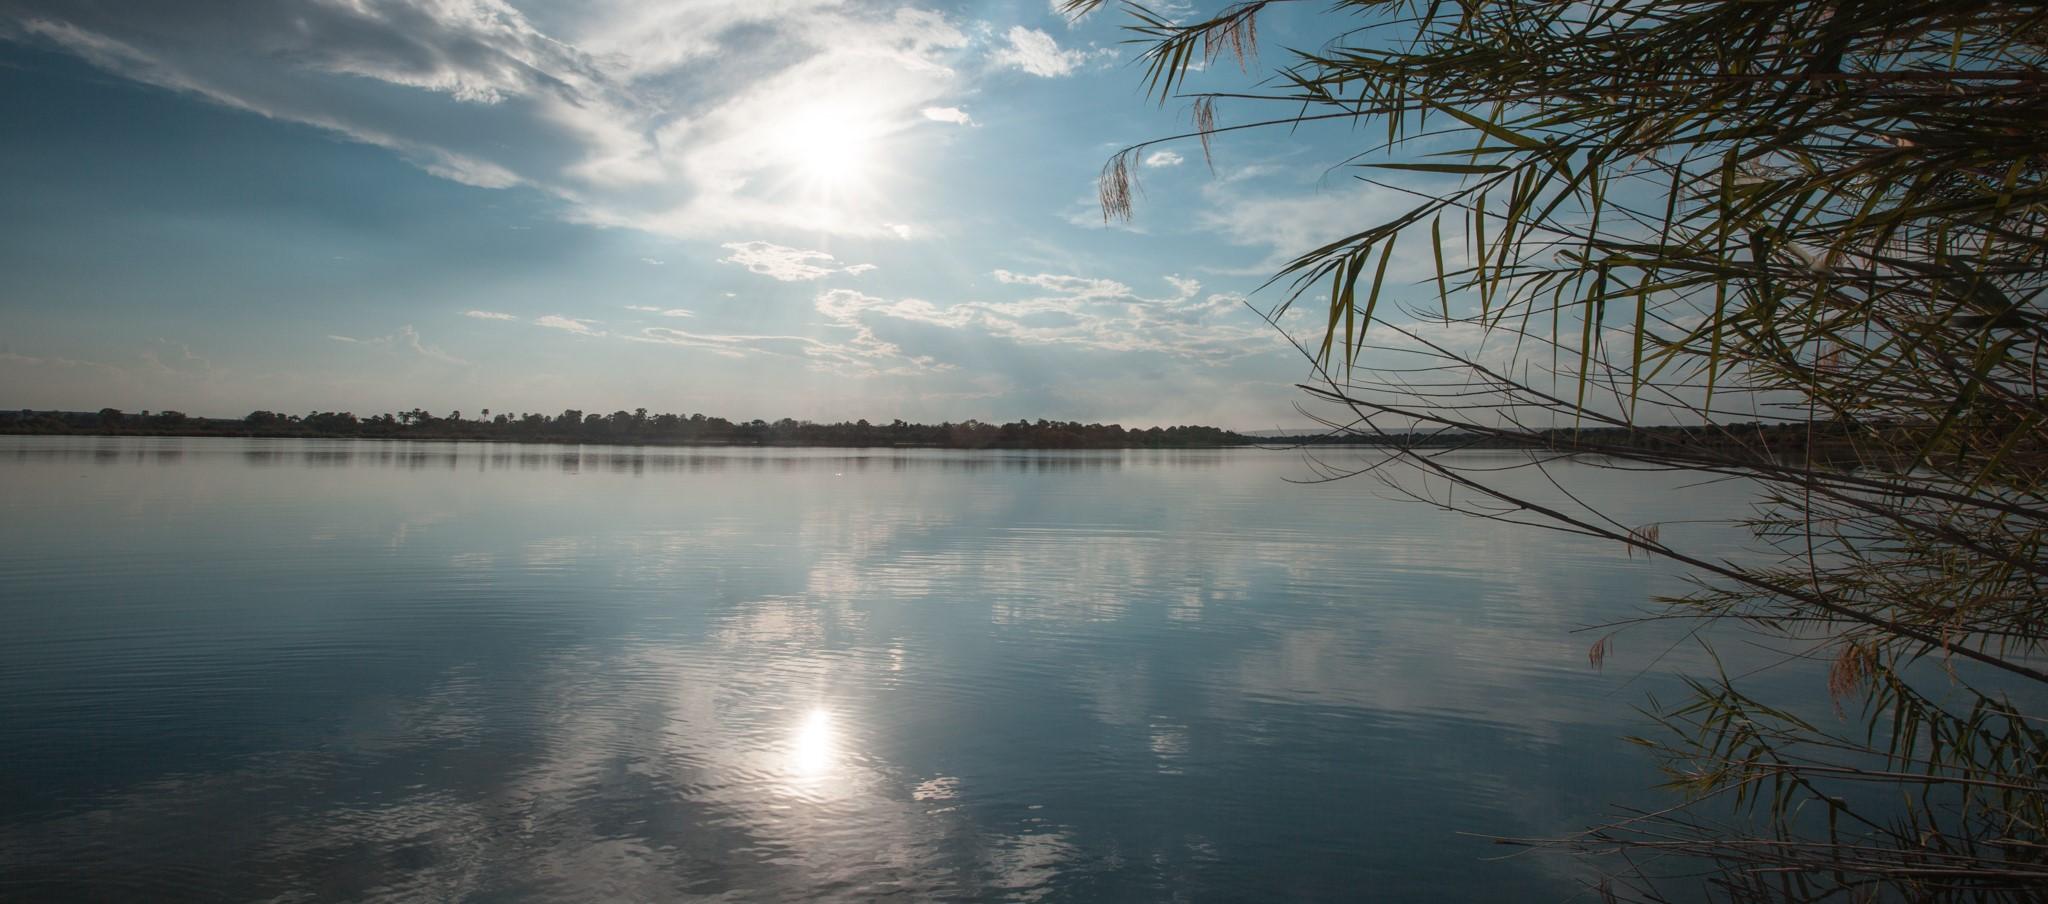 zambezi-river-view-from-tangala